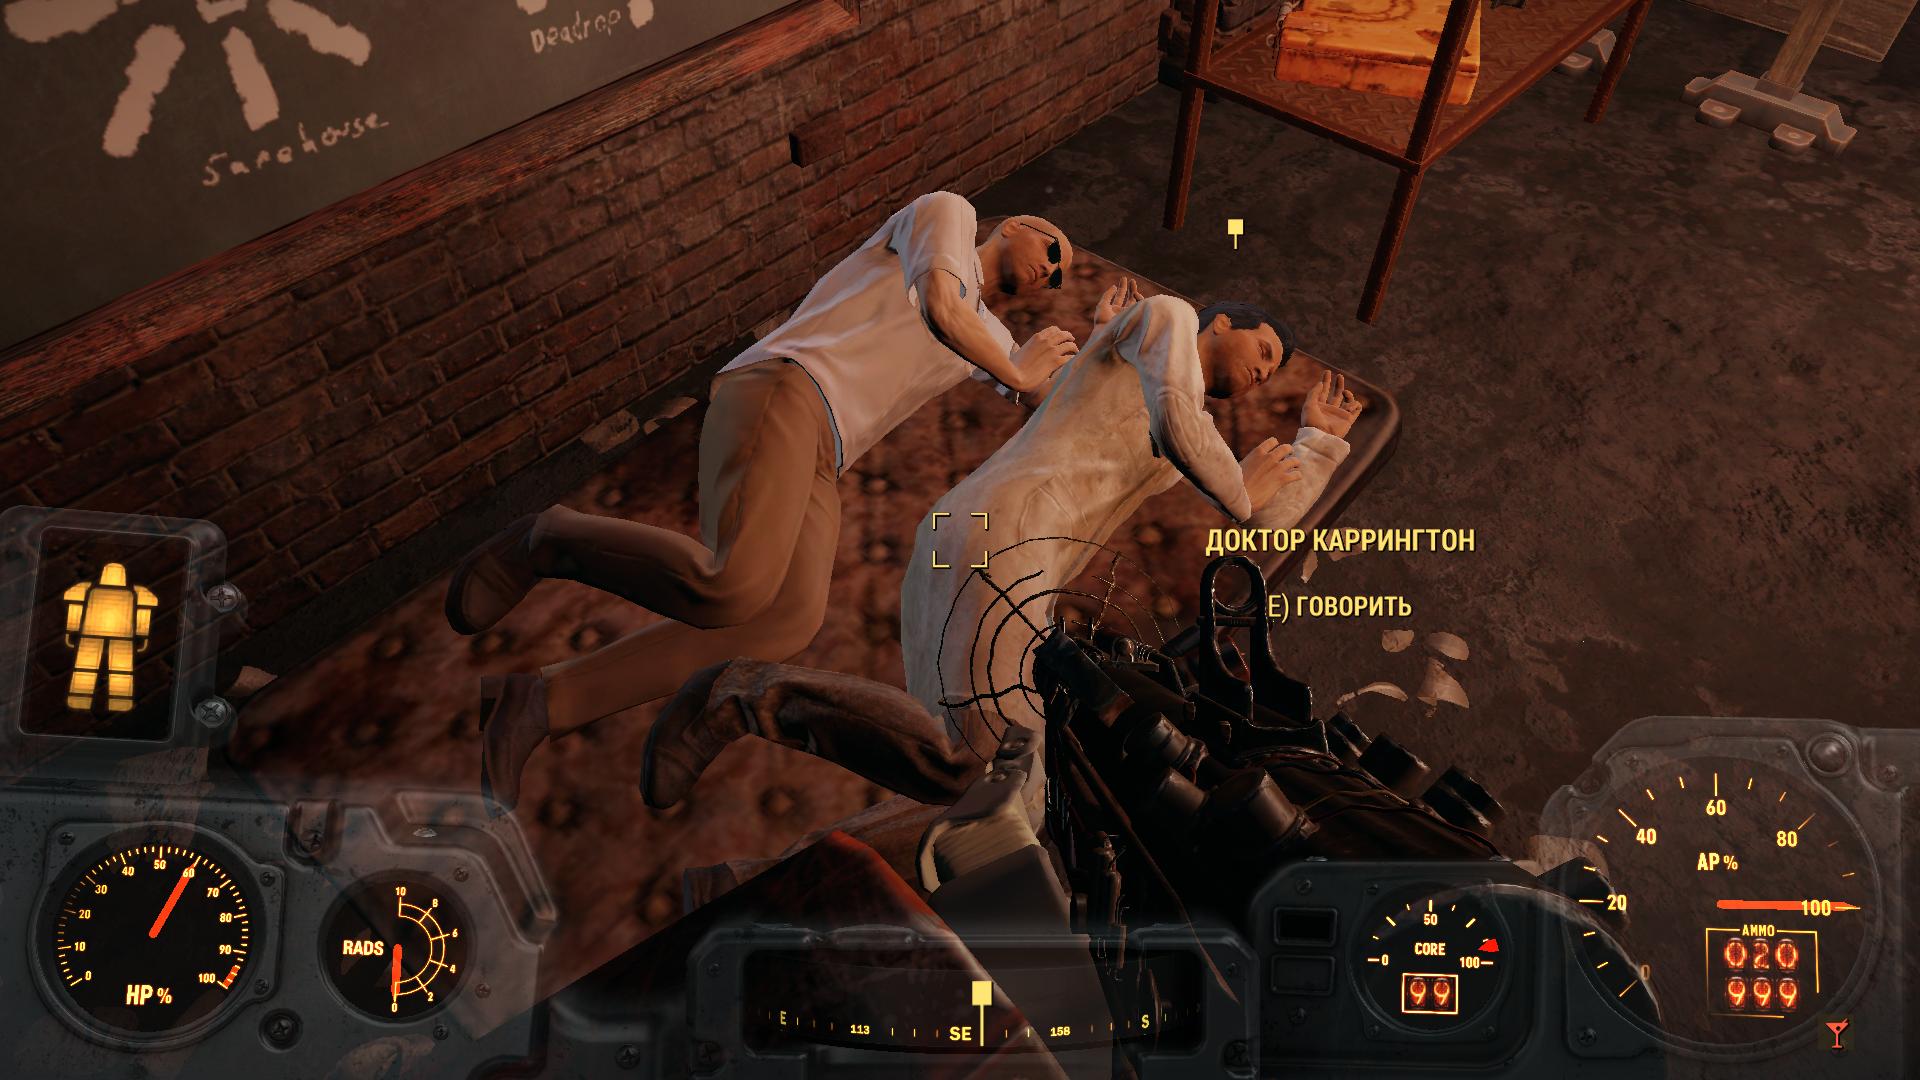 В тесноте ... - Fallout 4 Доктор Каррингтон, Подземка, Дьякон,